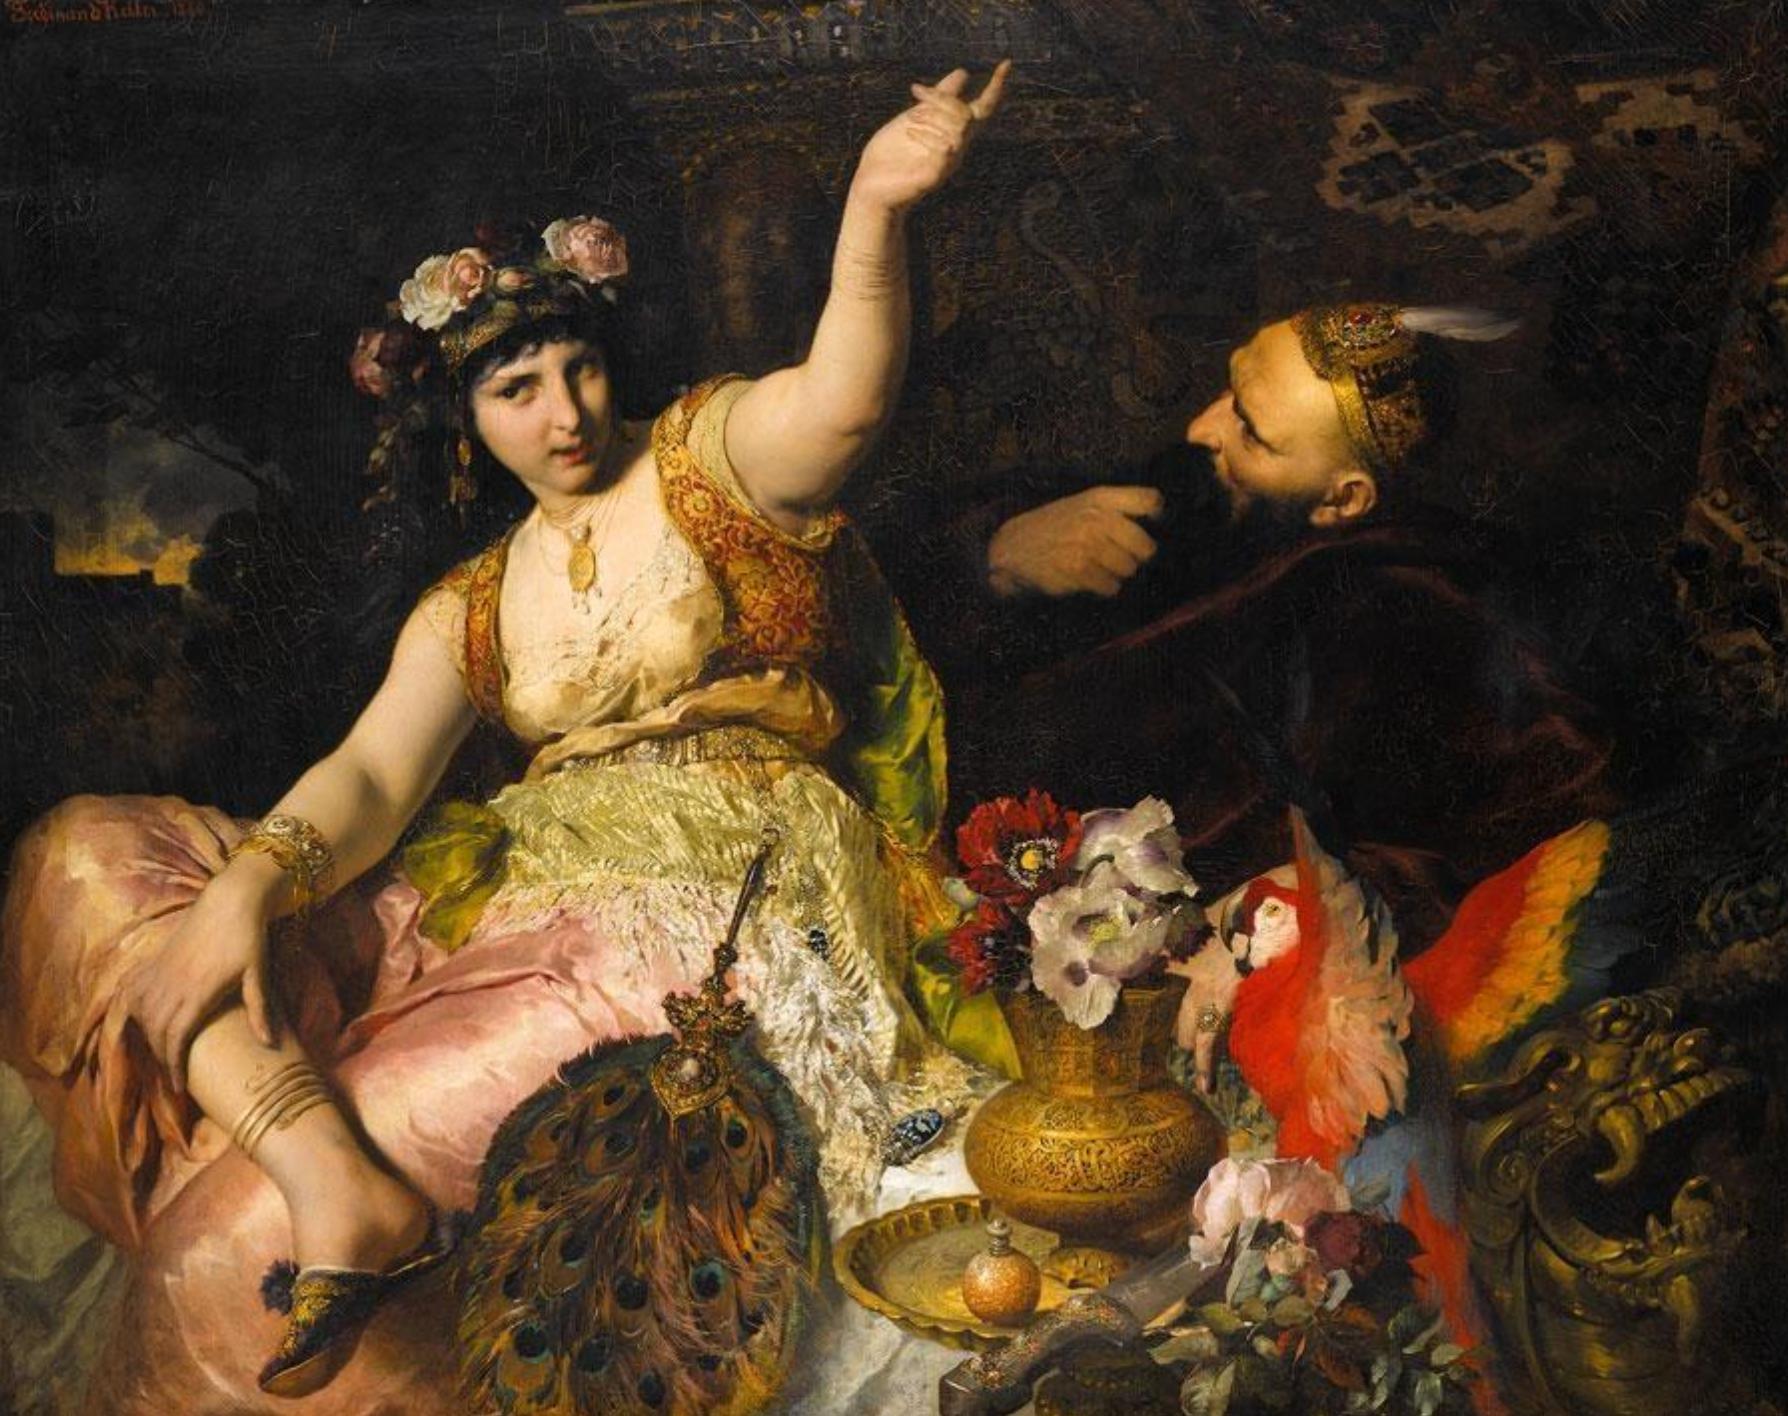 Фердинанд Келлер «Шахерезада и султан Шахрияр», 1880, wikimedia